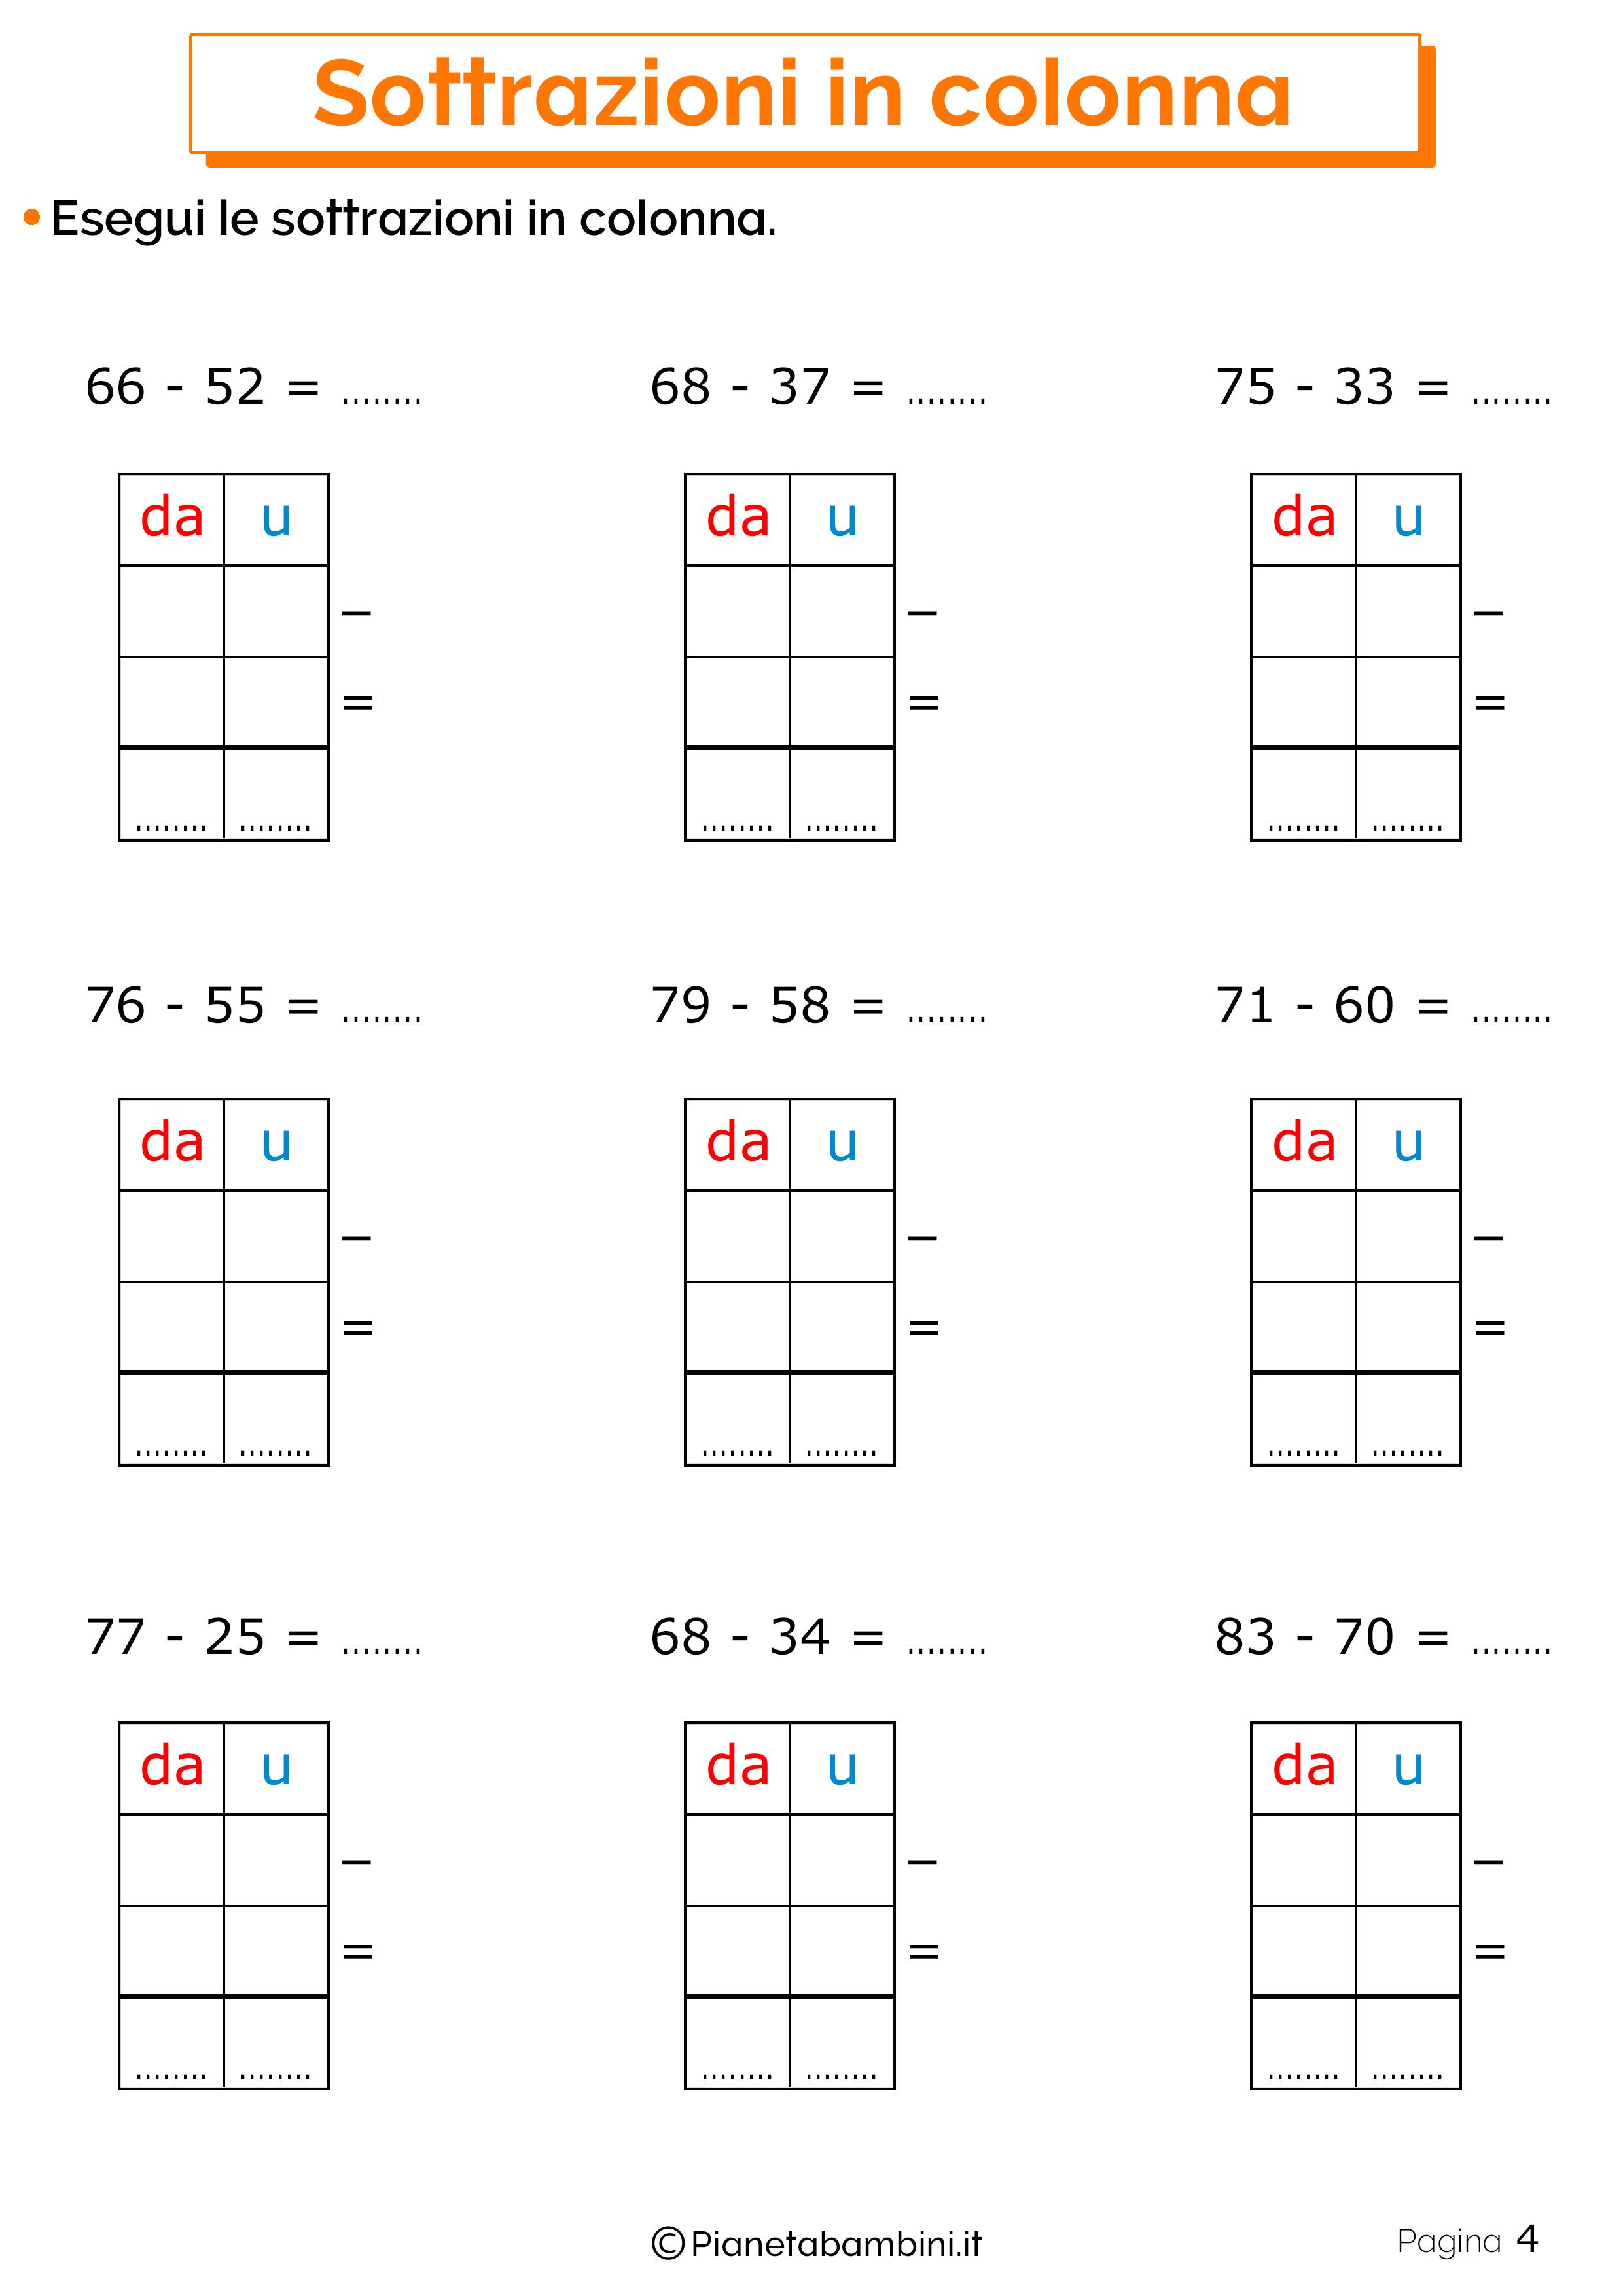 Schede didattiche sulle sottrazioni in colonna 4